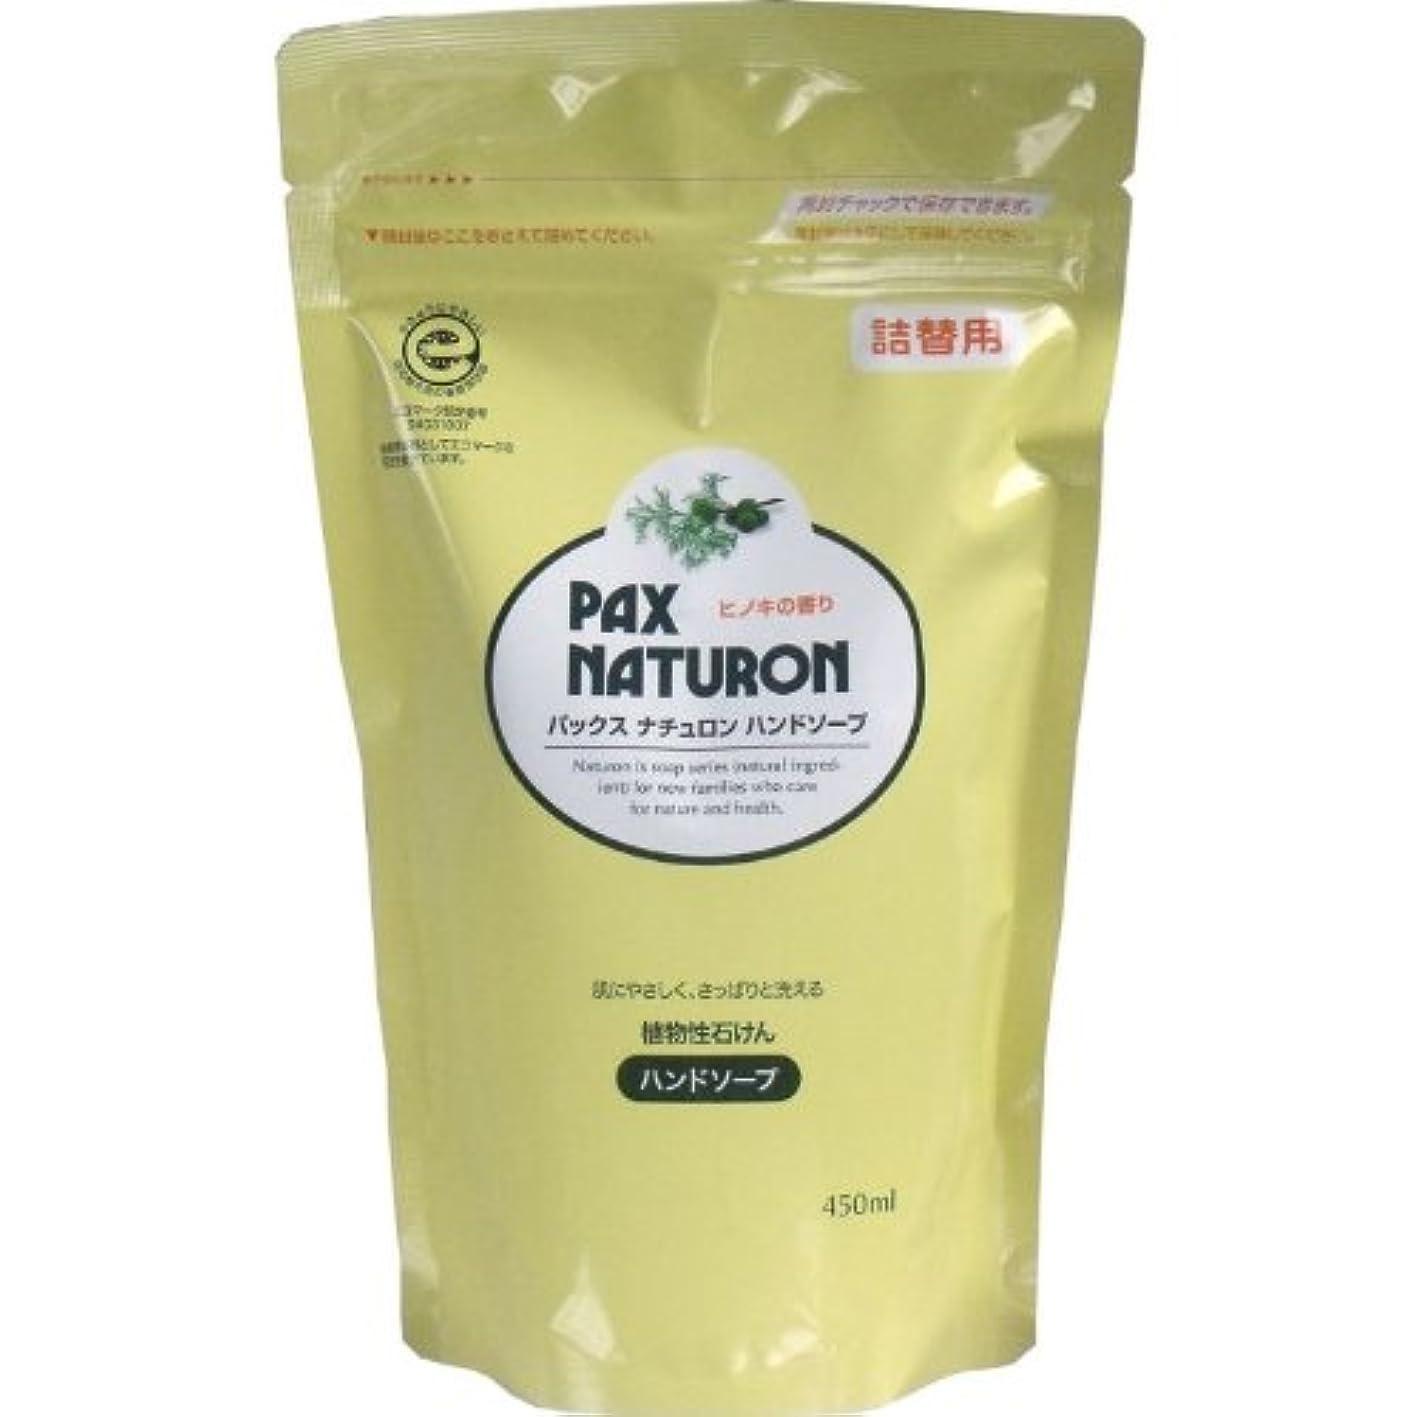 ボアシンクボーナス肌にやさしく、さっぱりと洗える植物性石けん!植物性ハンドソープ 詰替用 450mL【2個セット】